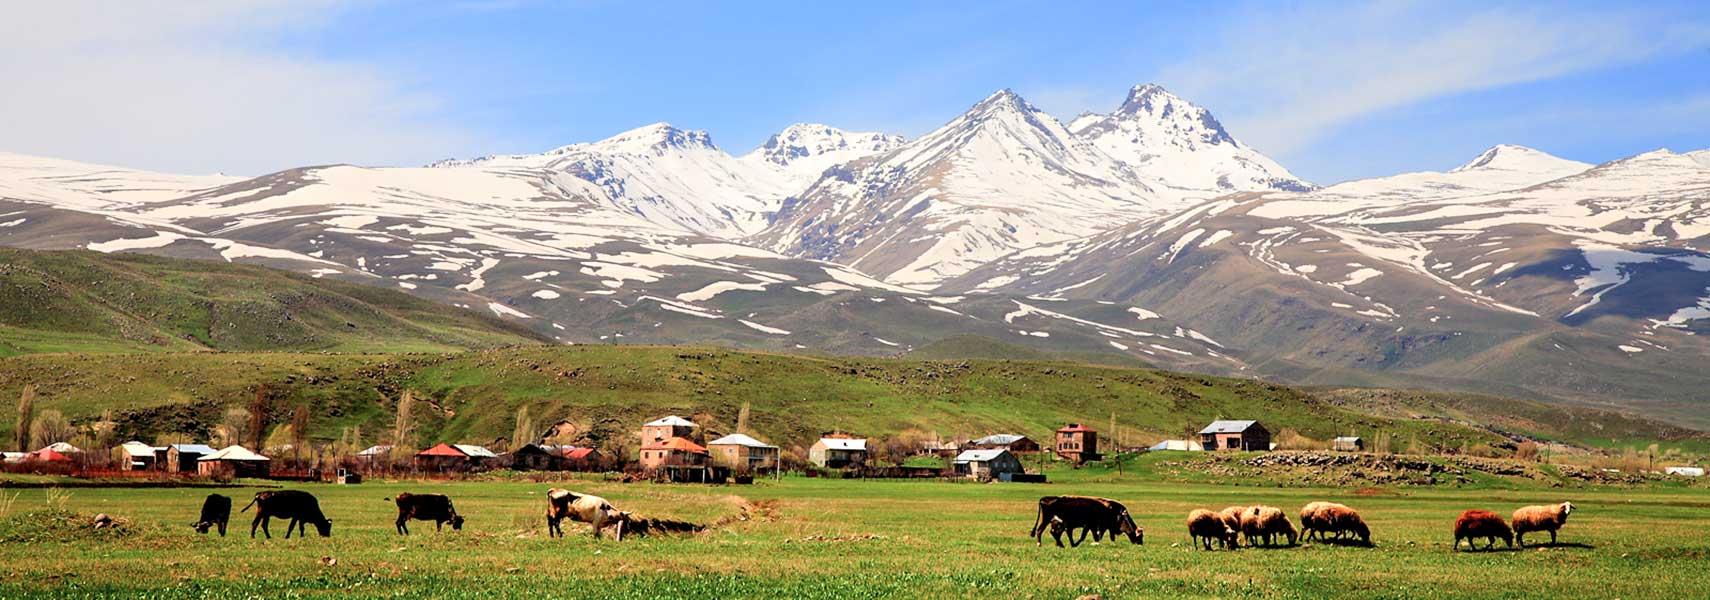 Visa Change Package Armenia 2 4 Days 3 Nights Sweet